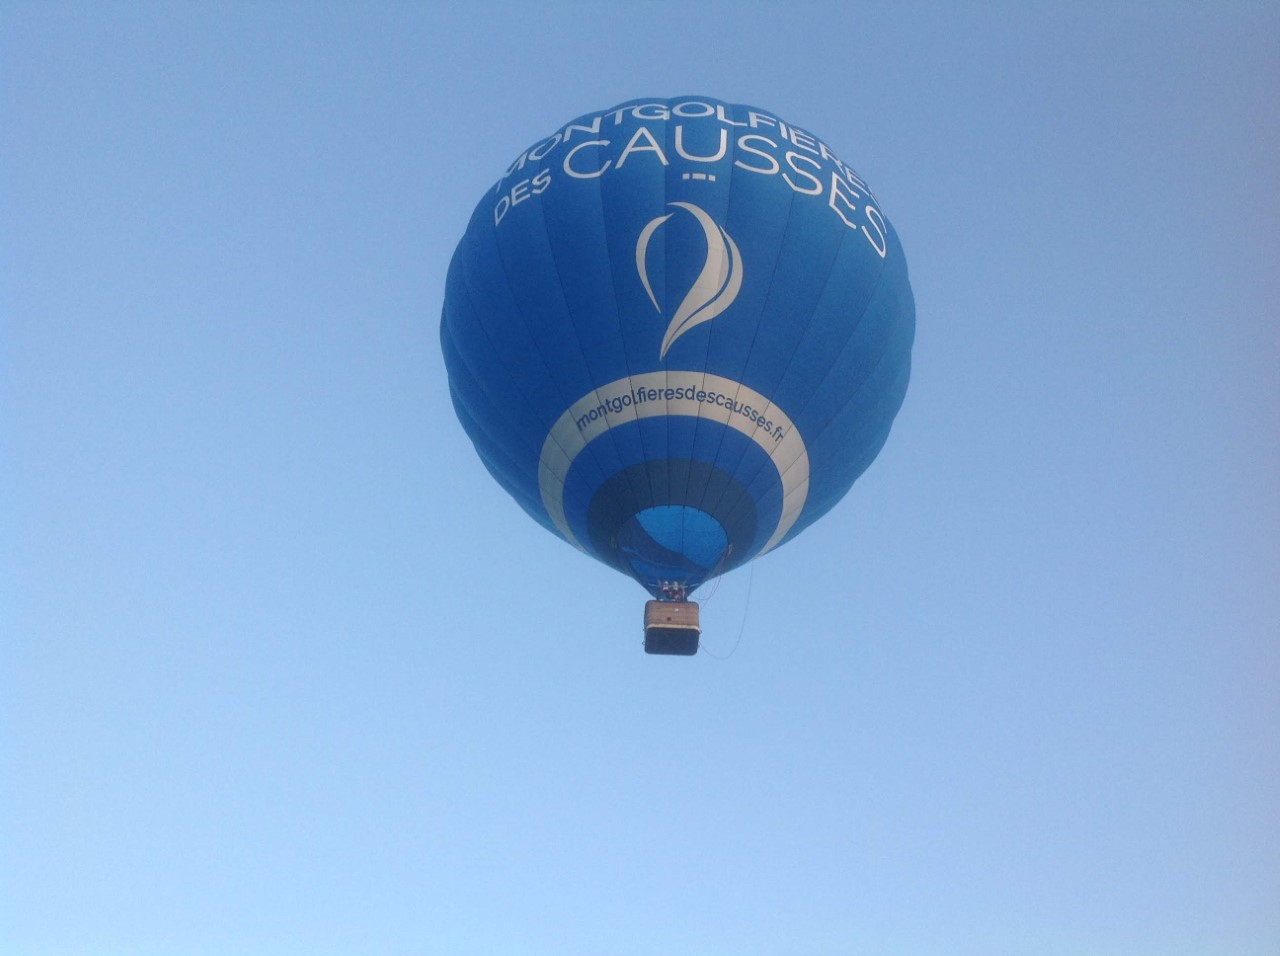 montgolfiere-des-causses